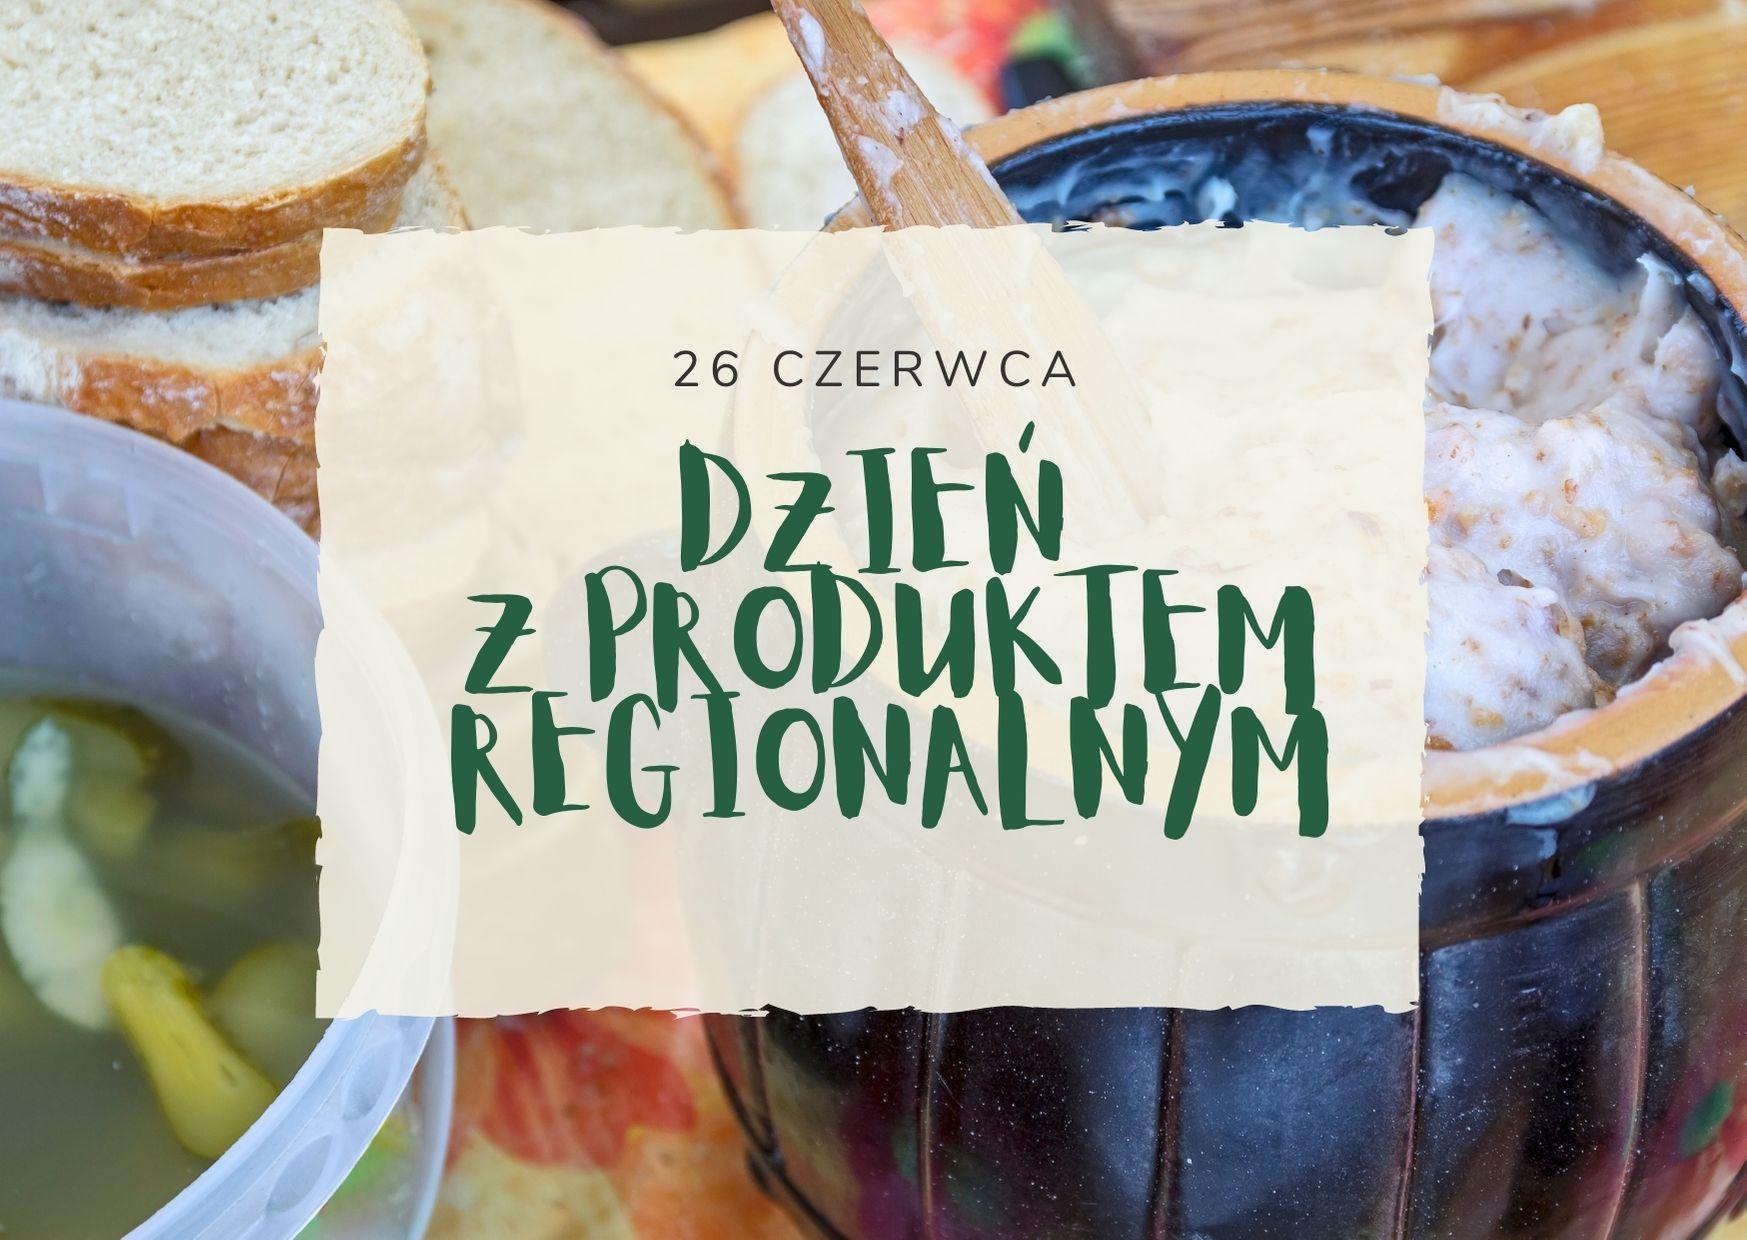 Dzień z produktem regionalnym - plakat informacyjny